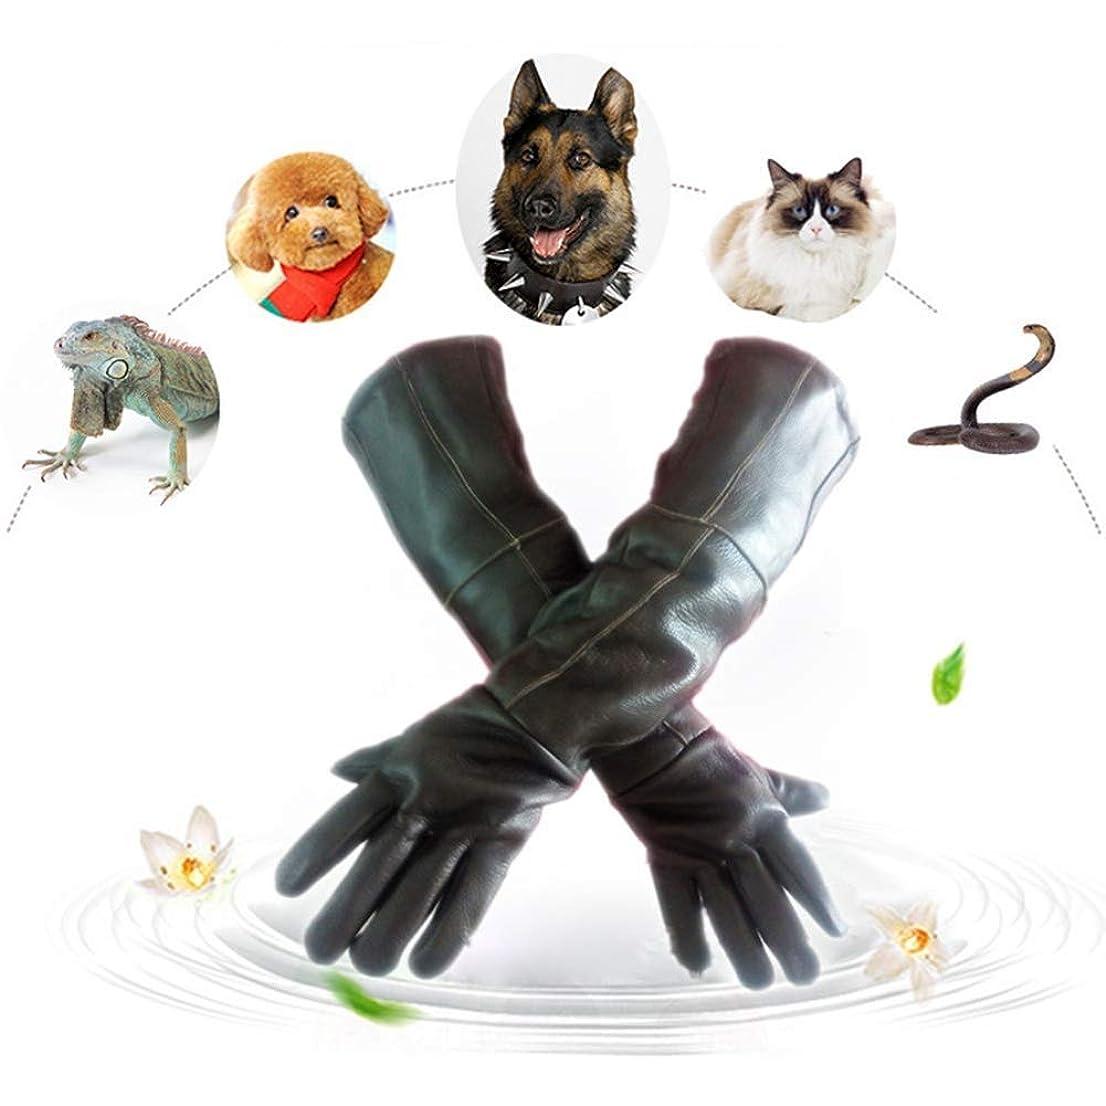 すすり泣きレッスン価値のないペットアンチバイトグローブ ロング厚手レザー アンチパンクノンスリップ 防水 トレーニング 犬 動物園 手保護 60cm